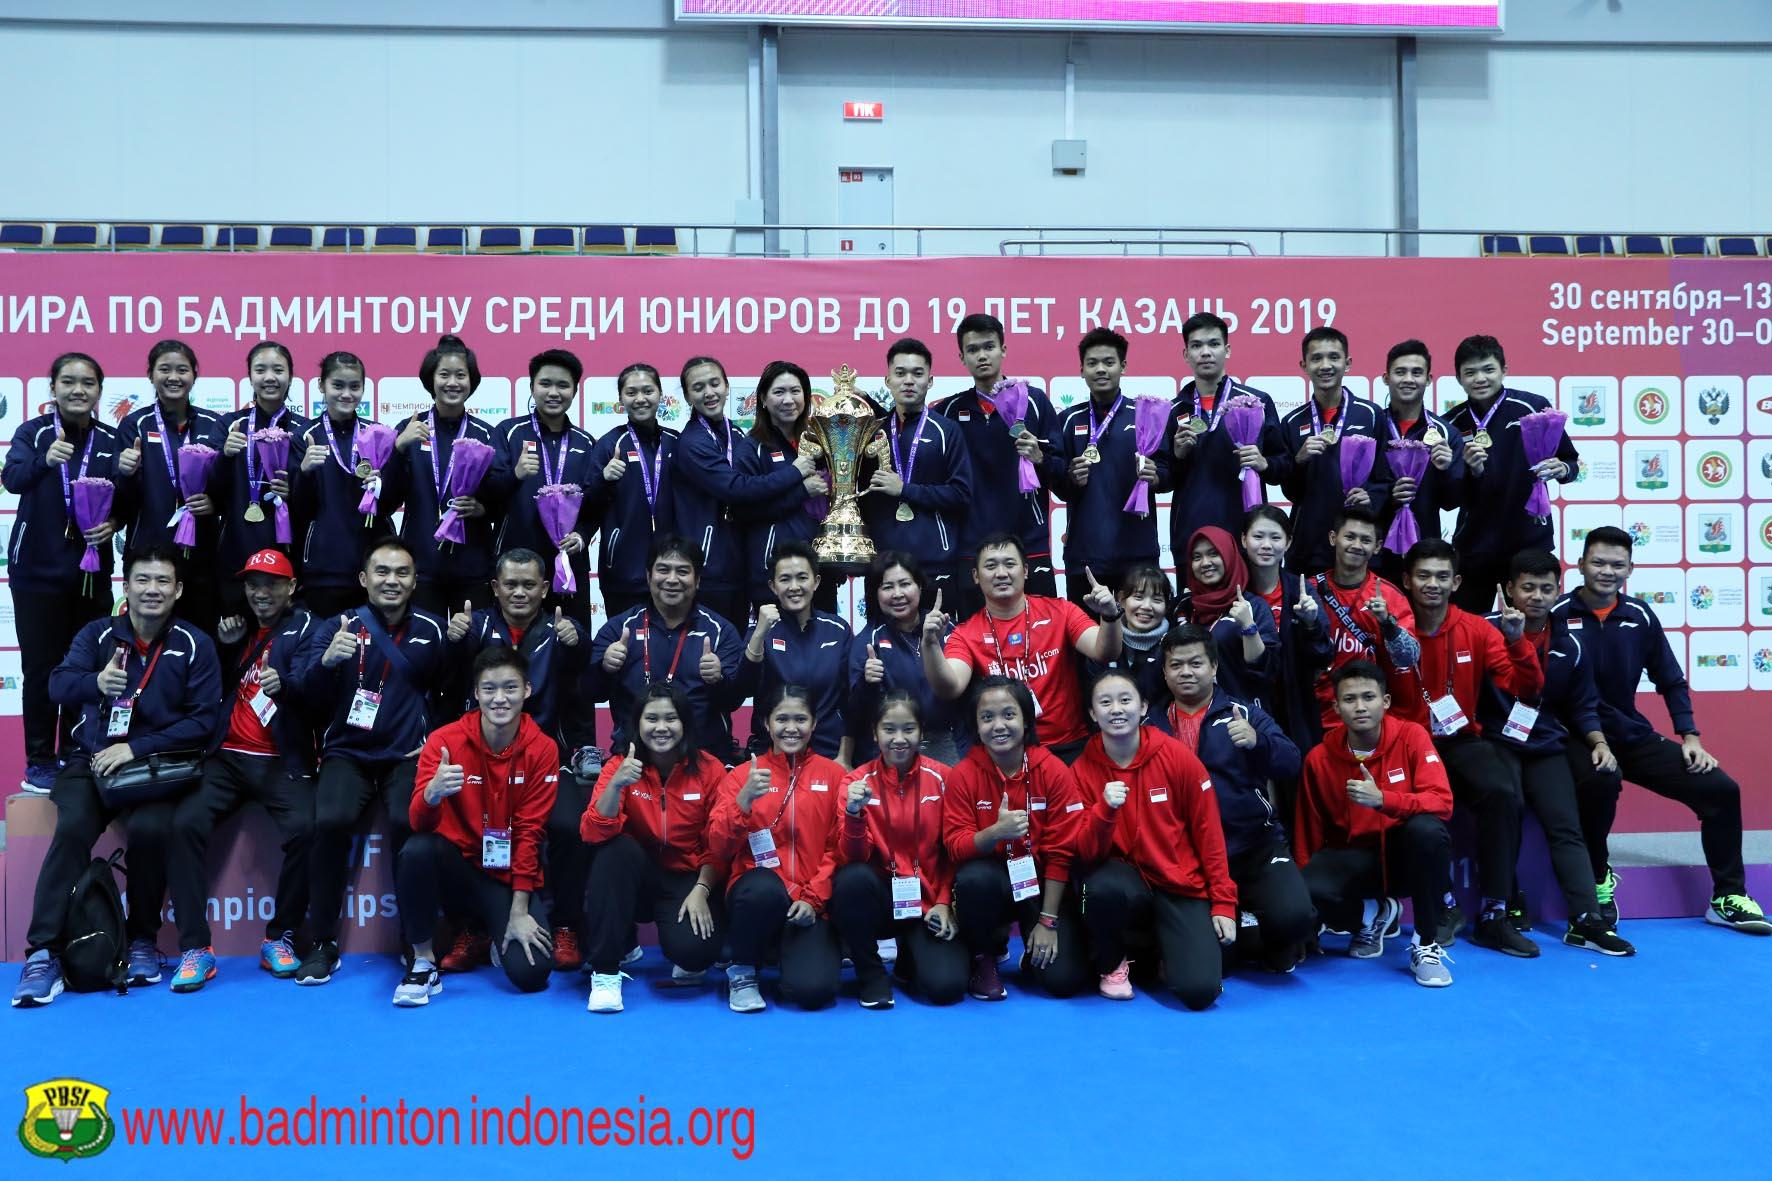 https: img.okezone.com content 2019 10 18 40 2118795 bersinar-di-kejuaraan-bulu-tangkis-junior-2019-indonesia-terima-penghargaan-iGfU8tQmZ9.jpg